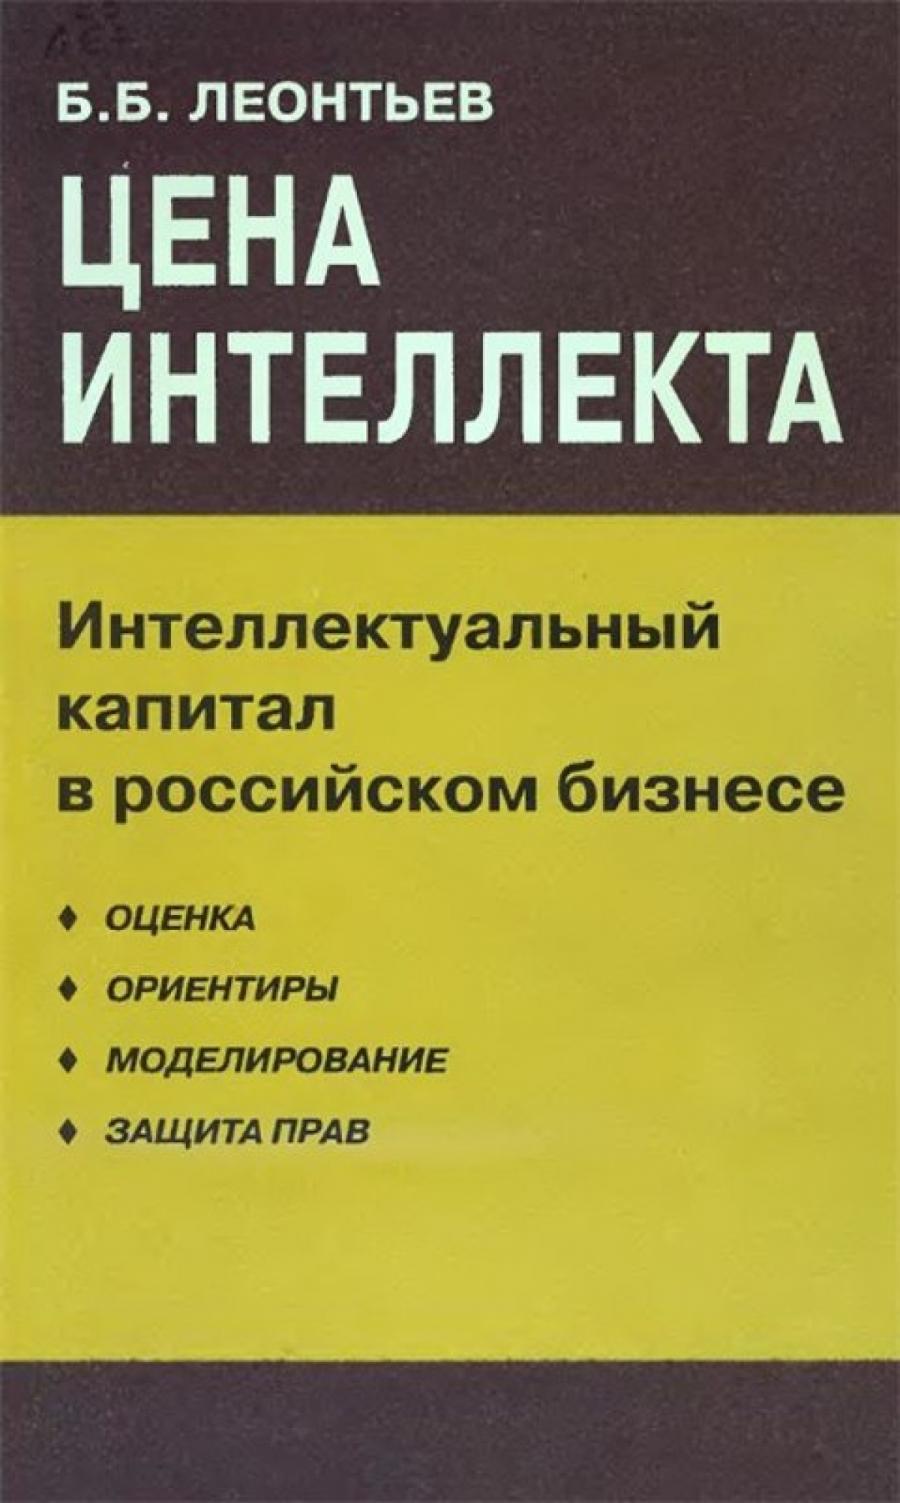 Обложка книги:  леонтьев б. б. - цена интеллекта. интеллектуальный капитал в российском бизнесе